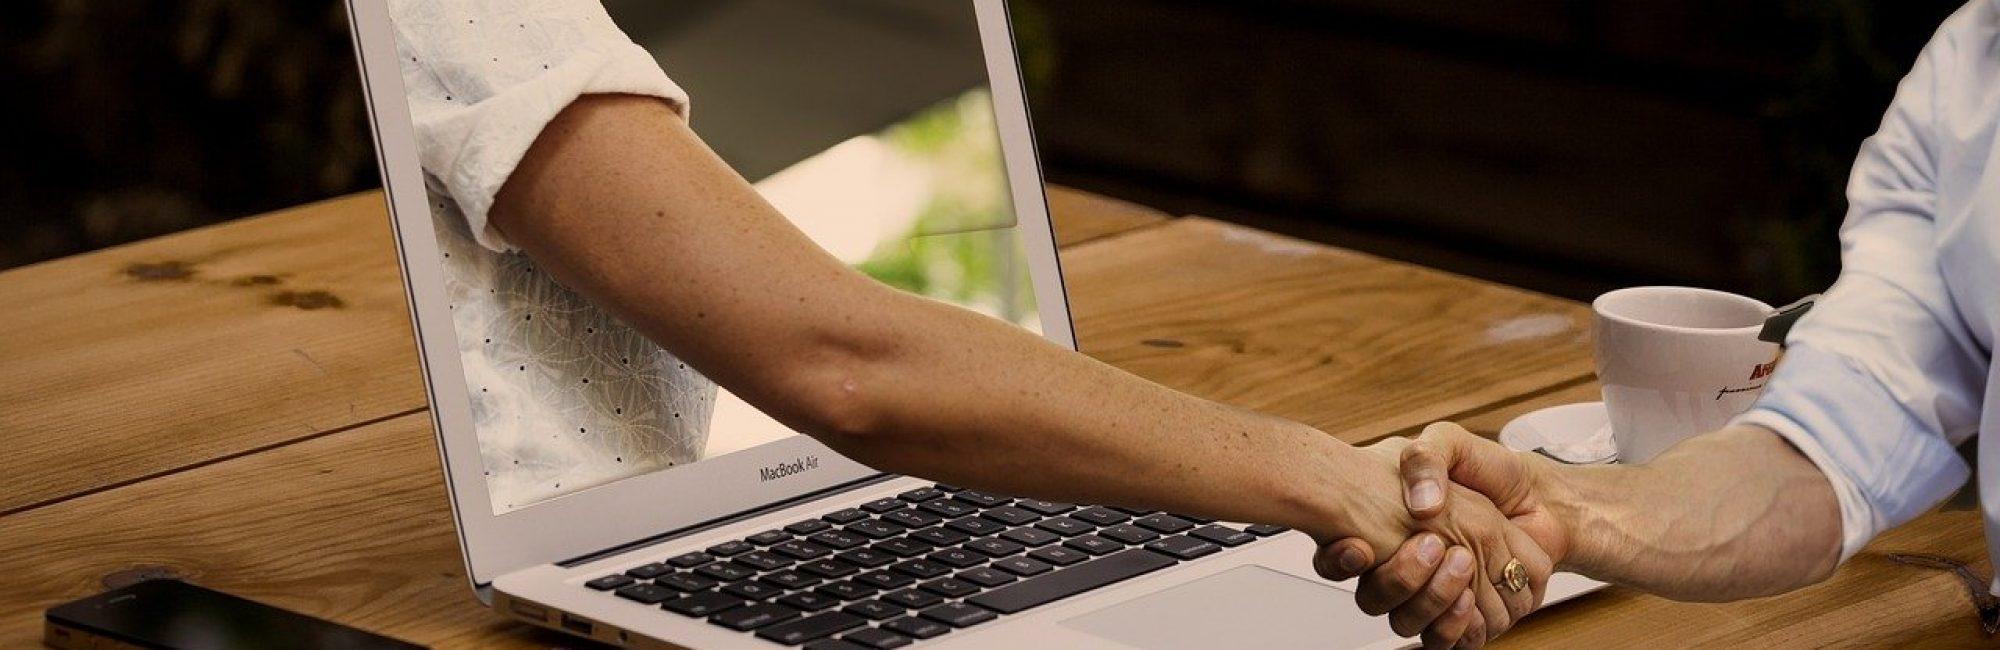 Laptop Handschütteln